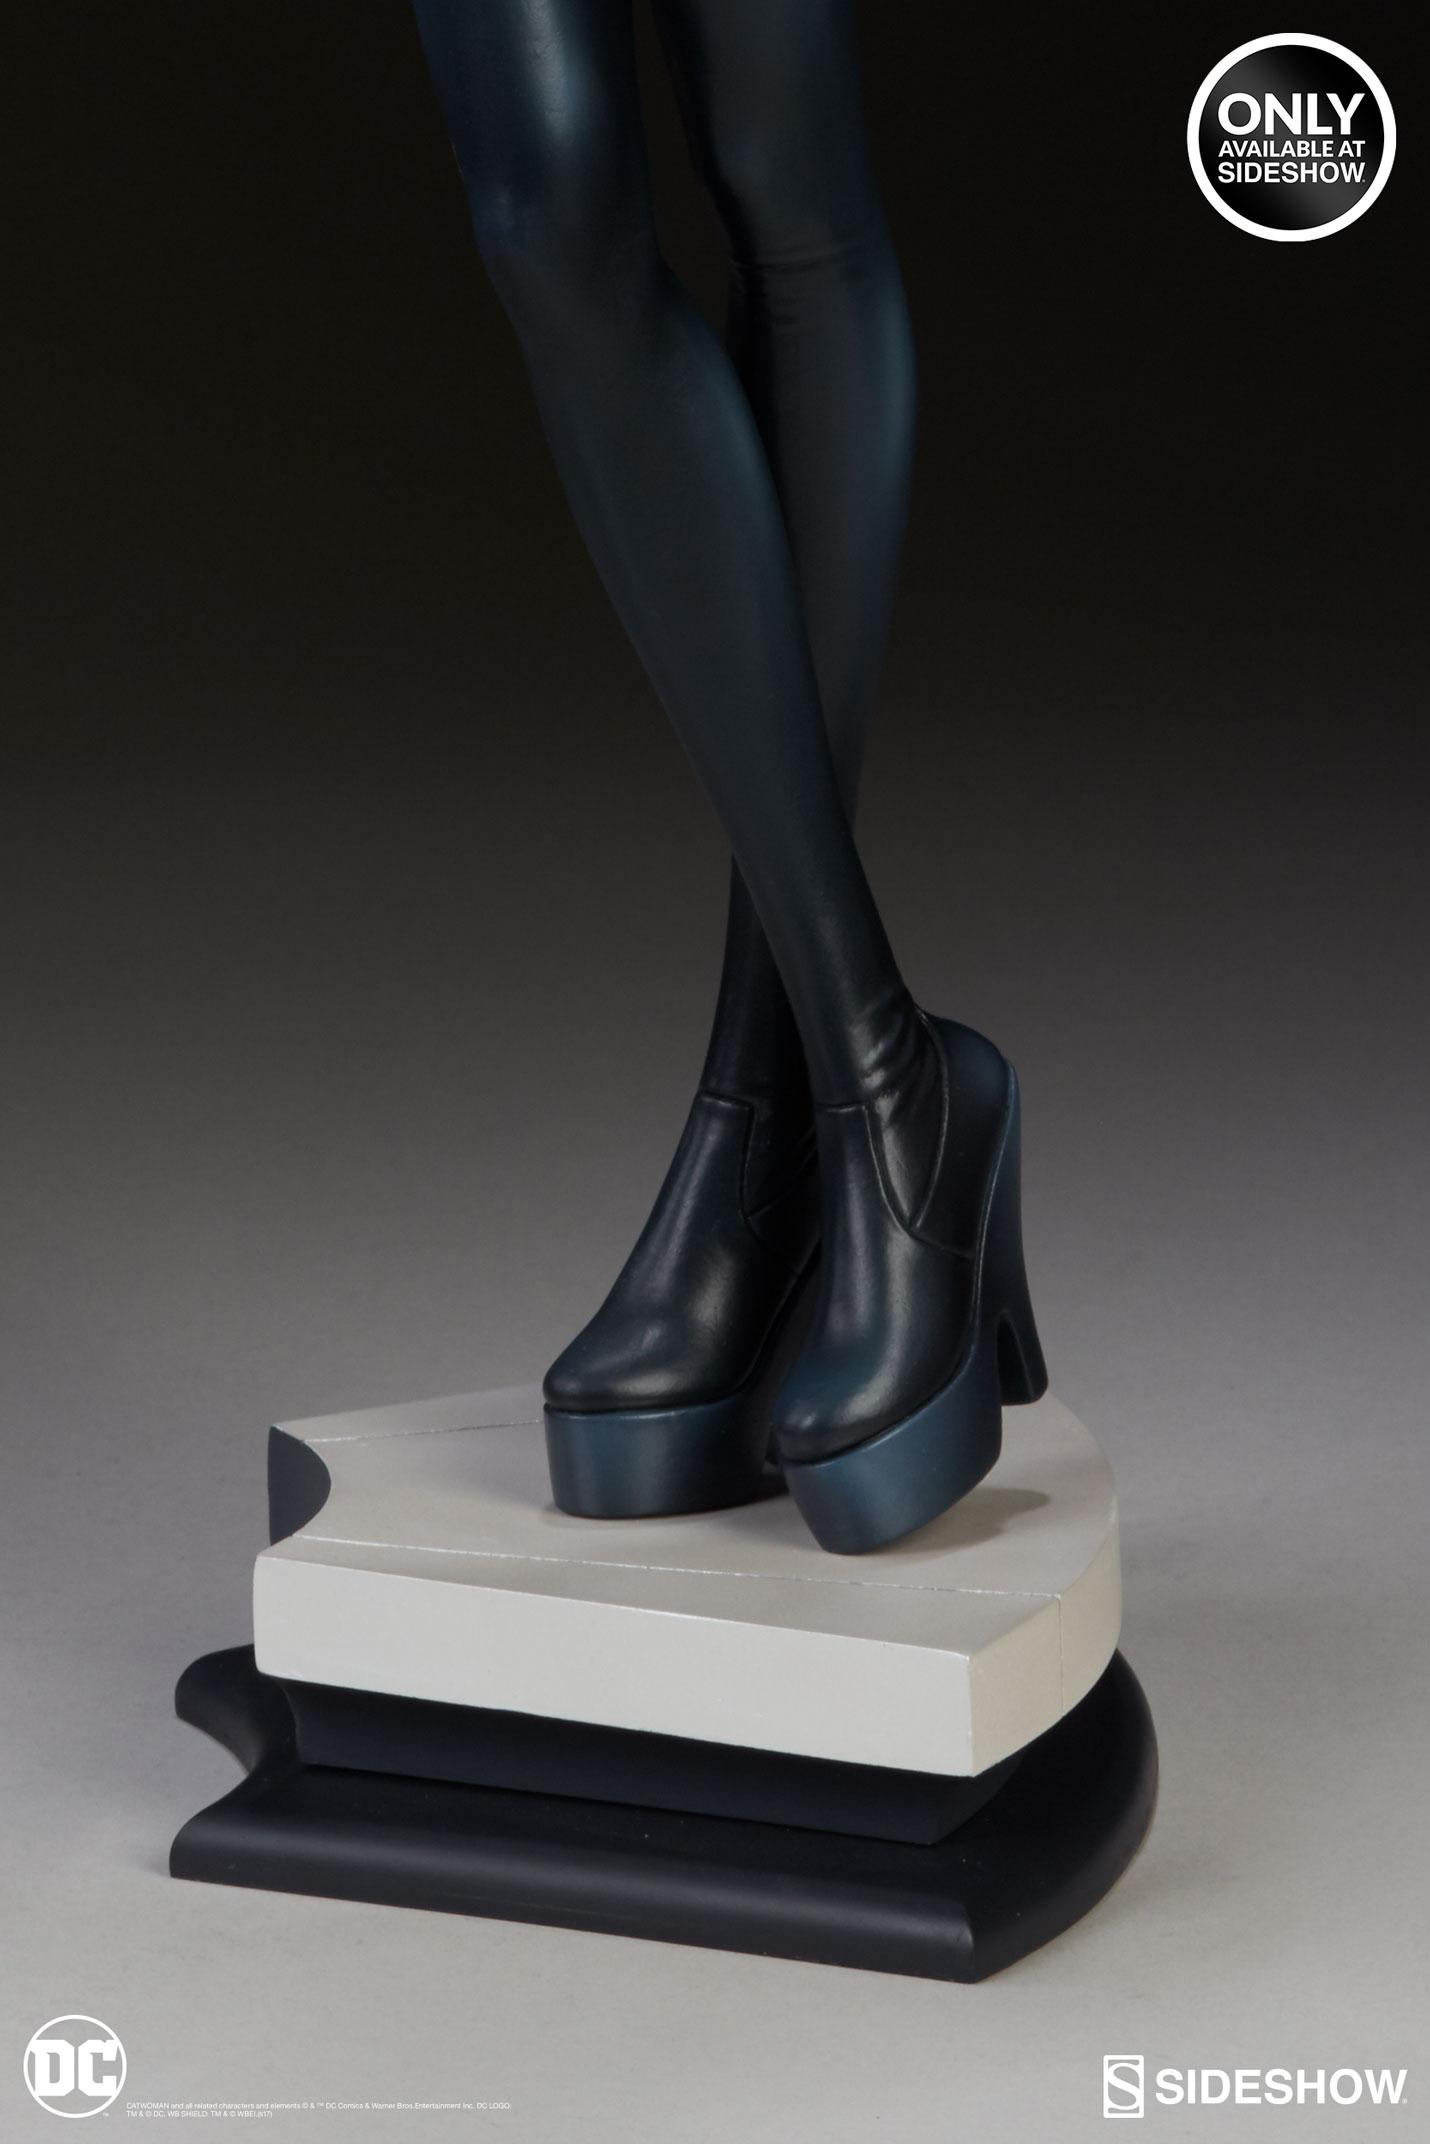 dc-comics-catwoman-statue-stanley-artgerm-lau-artist-series-200428-13 Figurines - Harley Quinn - Catwoman et Poison Ivy vues par Artgerm